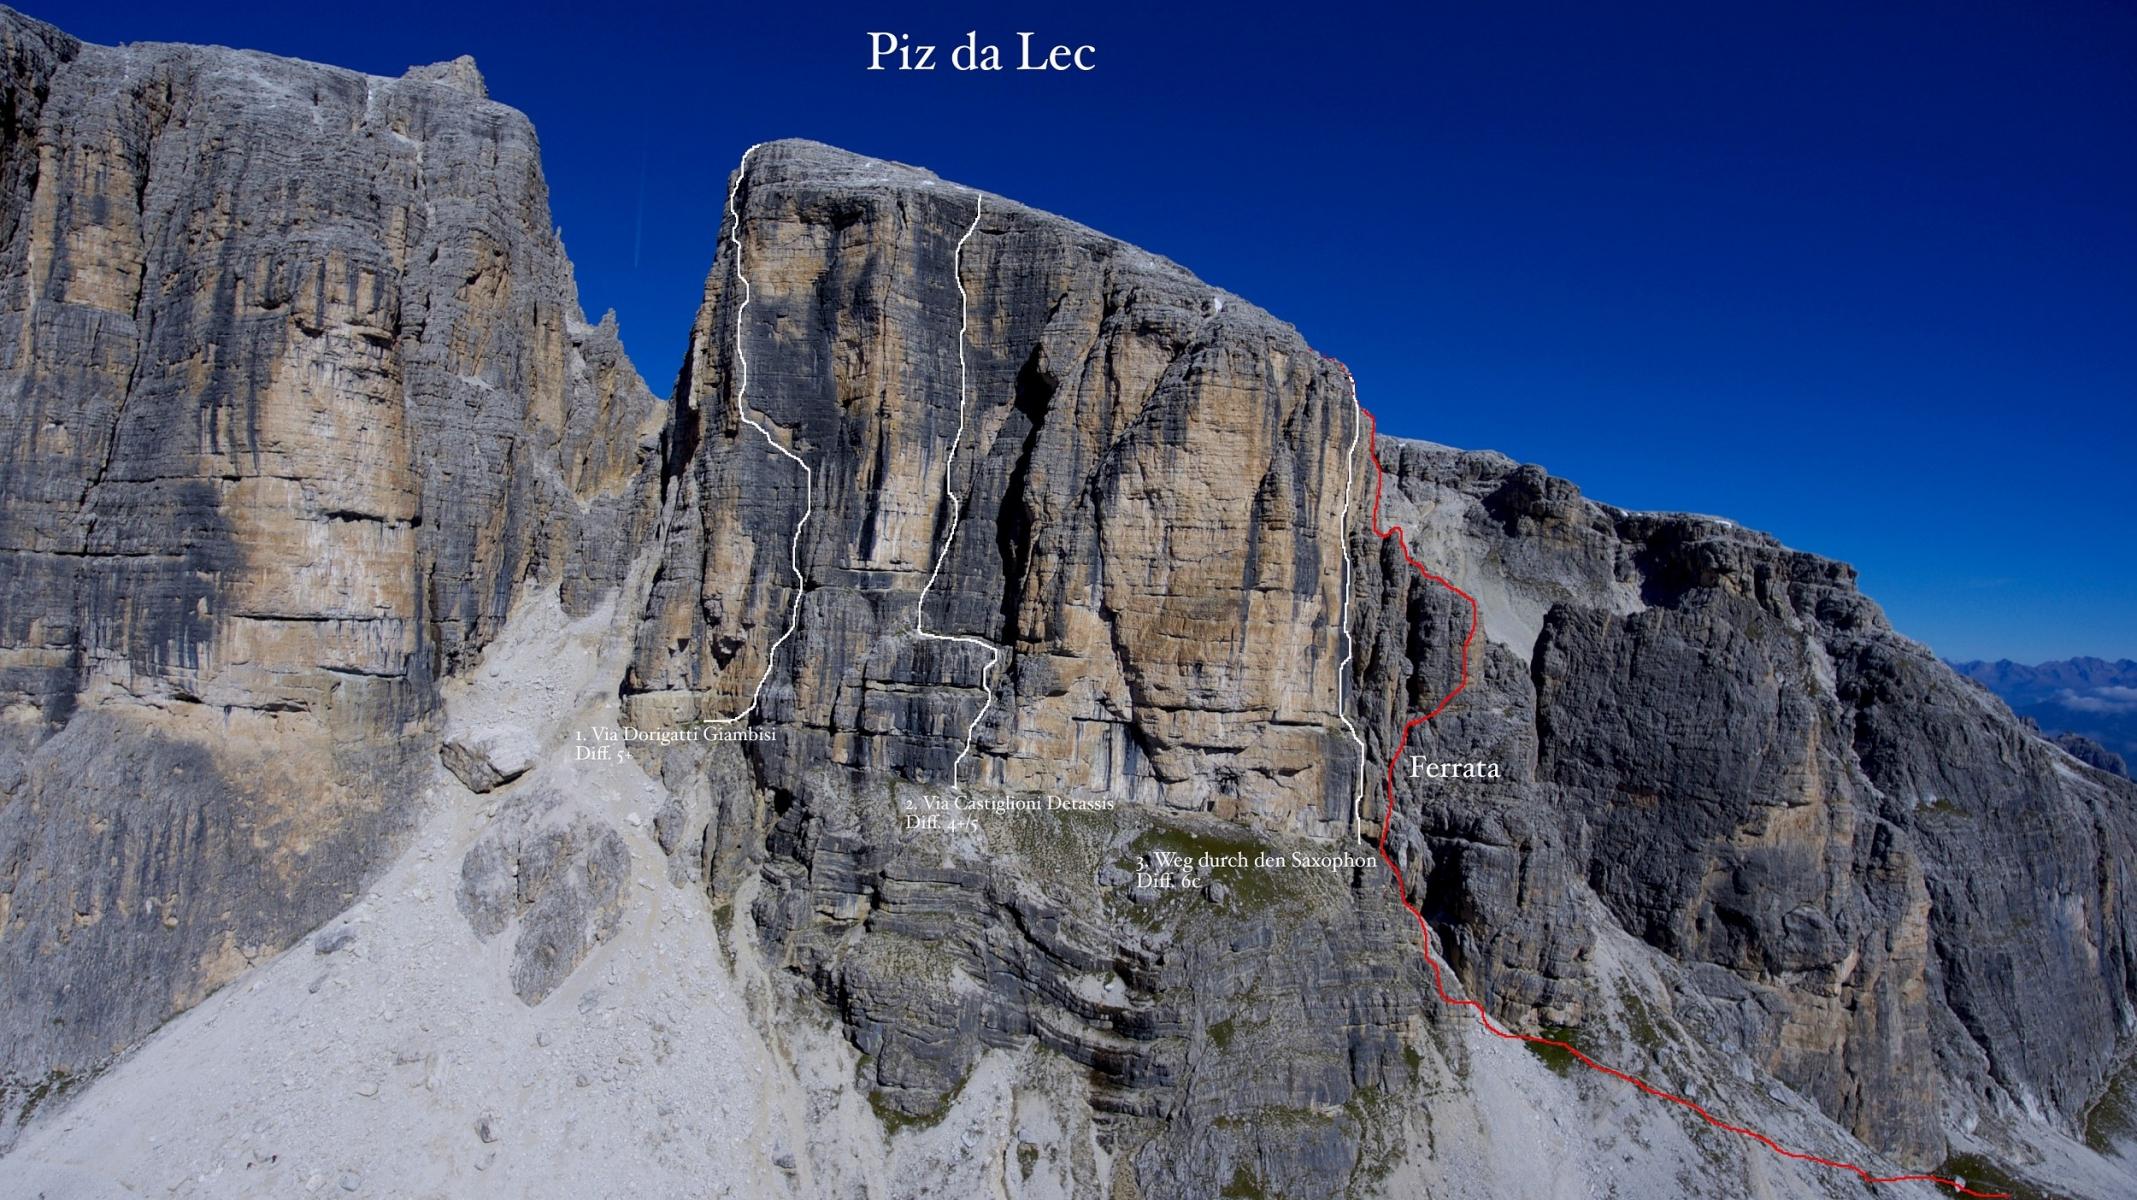 Vallon Klettersteig : Vallon klettersteig schutzhütte franz kostner am alta